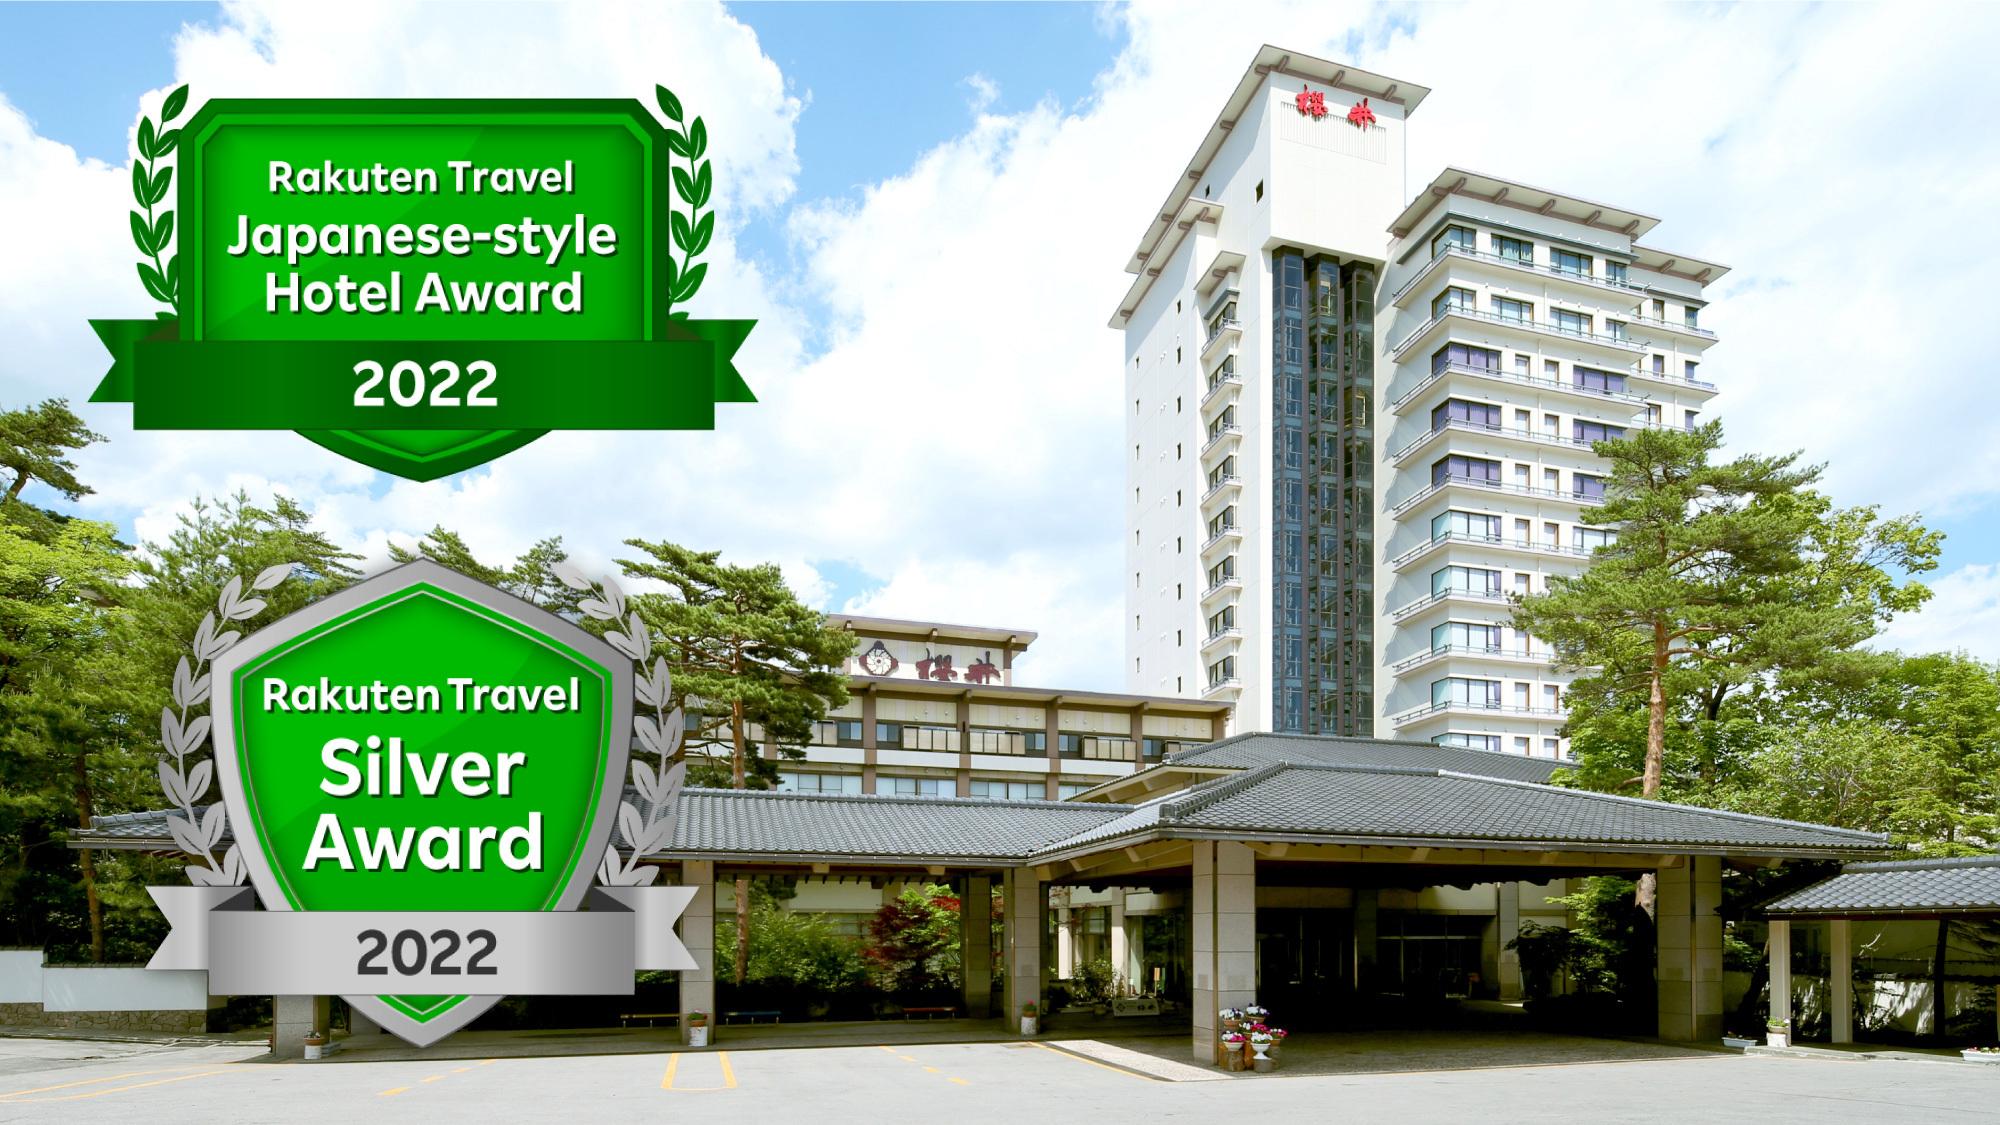 草津温泉でダブルデート可能な4人部屋がある温泉旅館ってありますか?